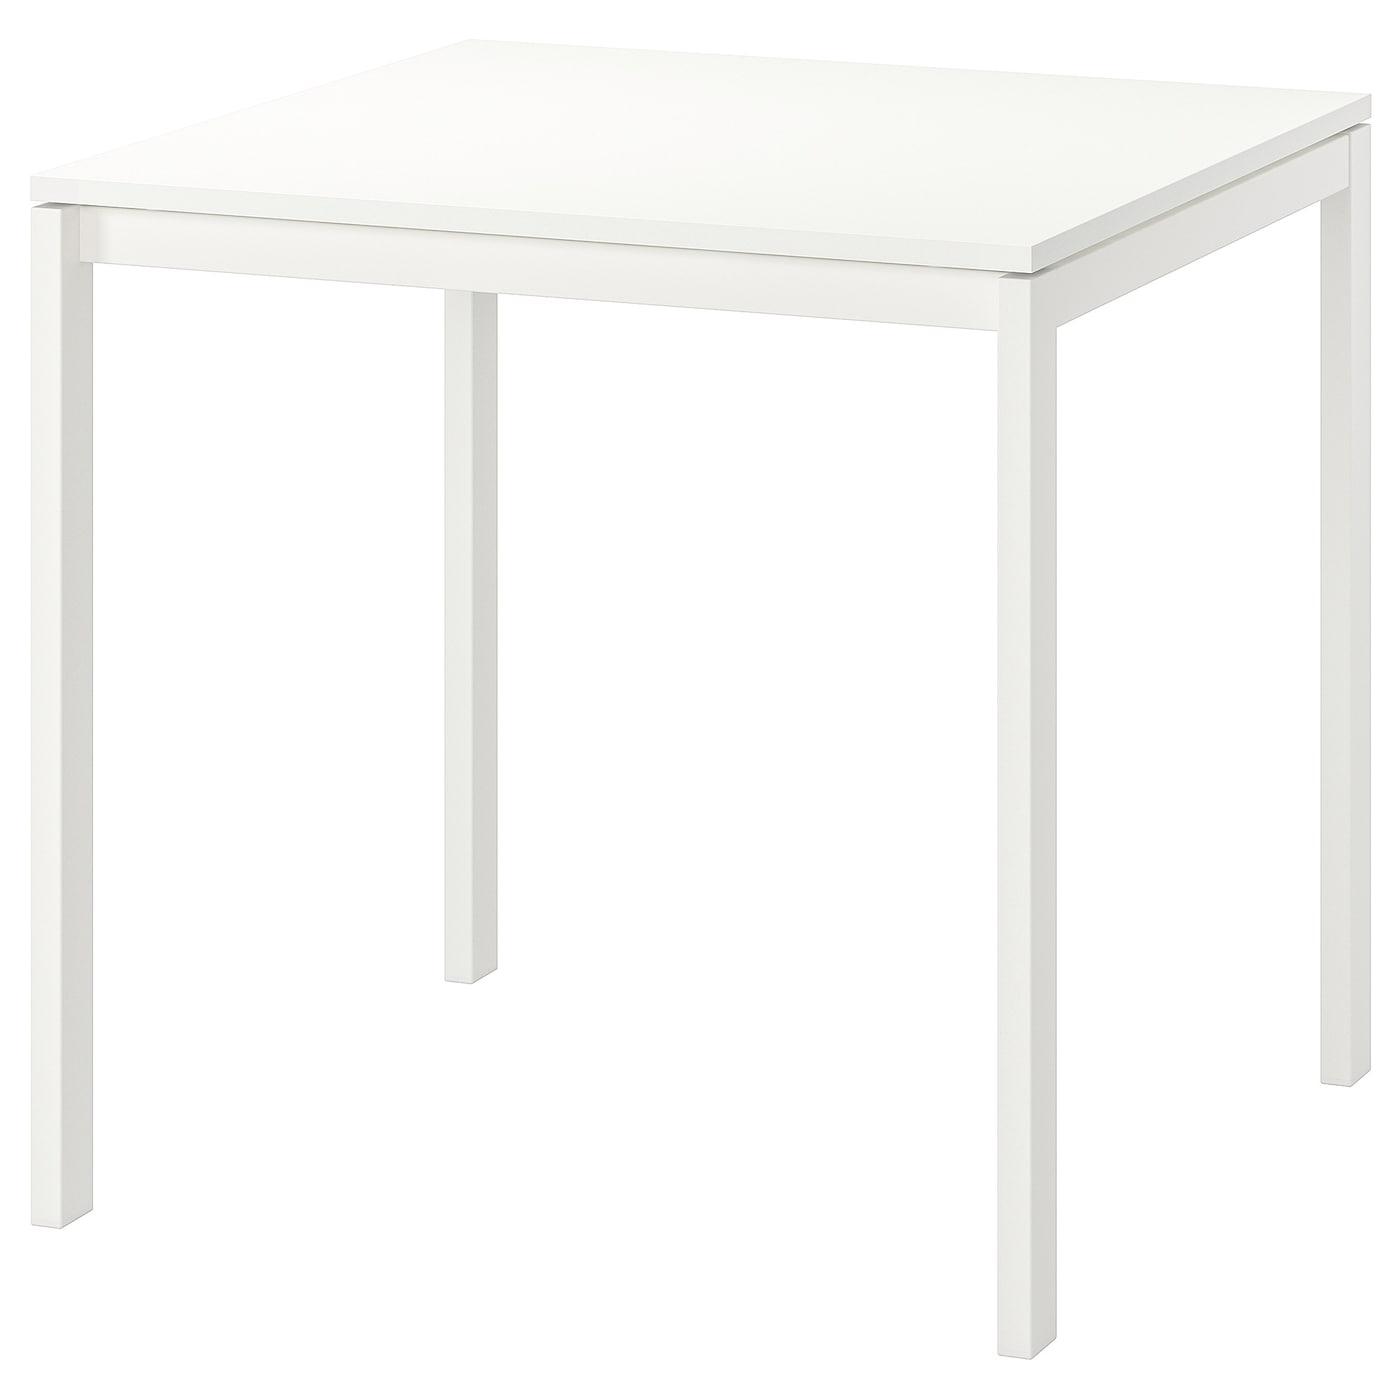 Full Size of Gartentisch Ikea Melltorp Tisch Wei Deutschland Betten Bei 160x200 Küche Kosten Kaufen Modulküche Miniküche Sofa Mit Schlaffunktion Wohnzimmer Gartentisch Ikea